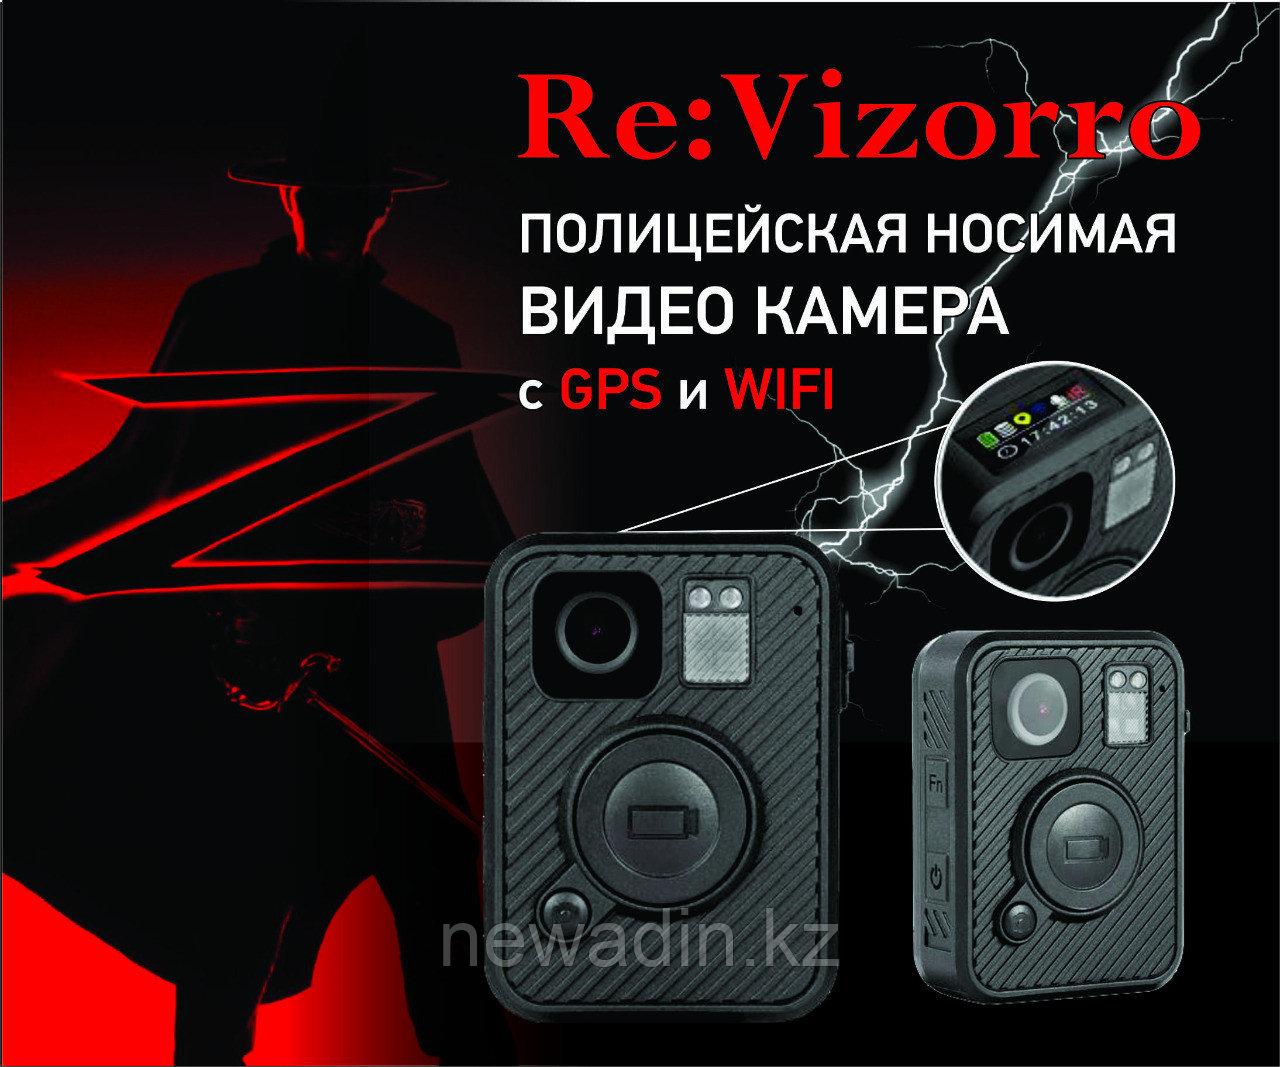 Носимый видеожетон Re:Vizorro с GPS, Wi-Fi для различных задач